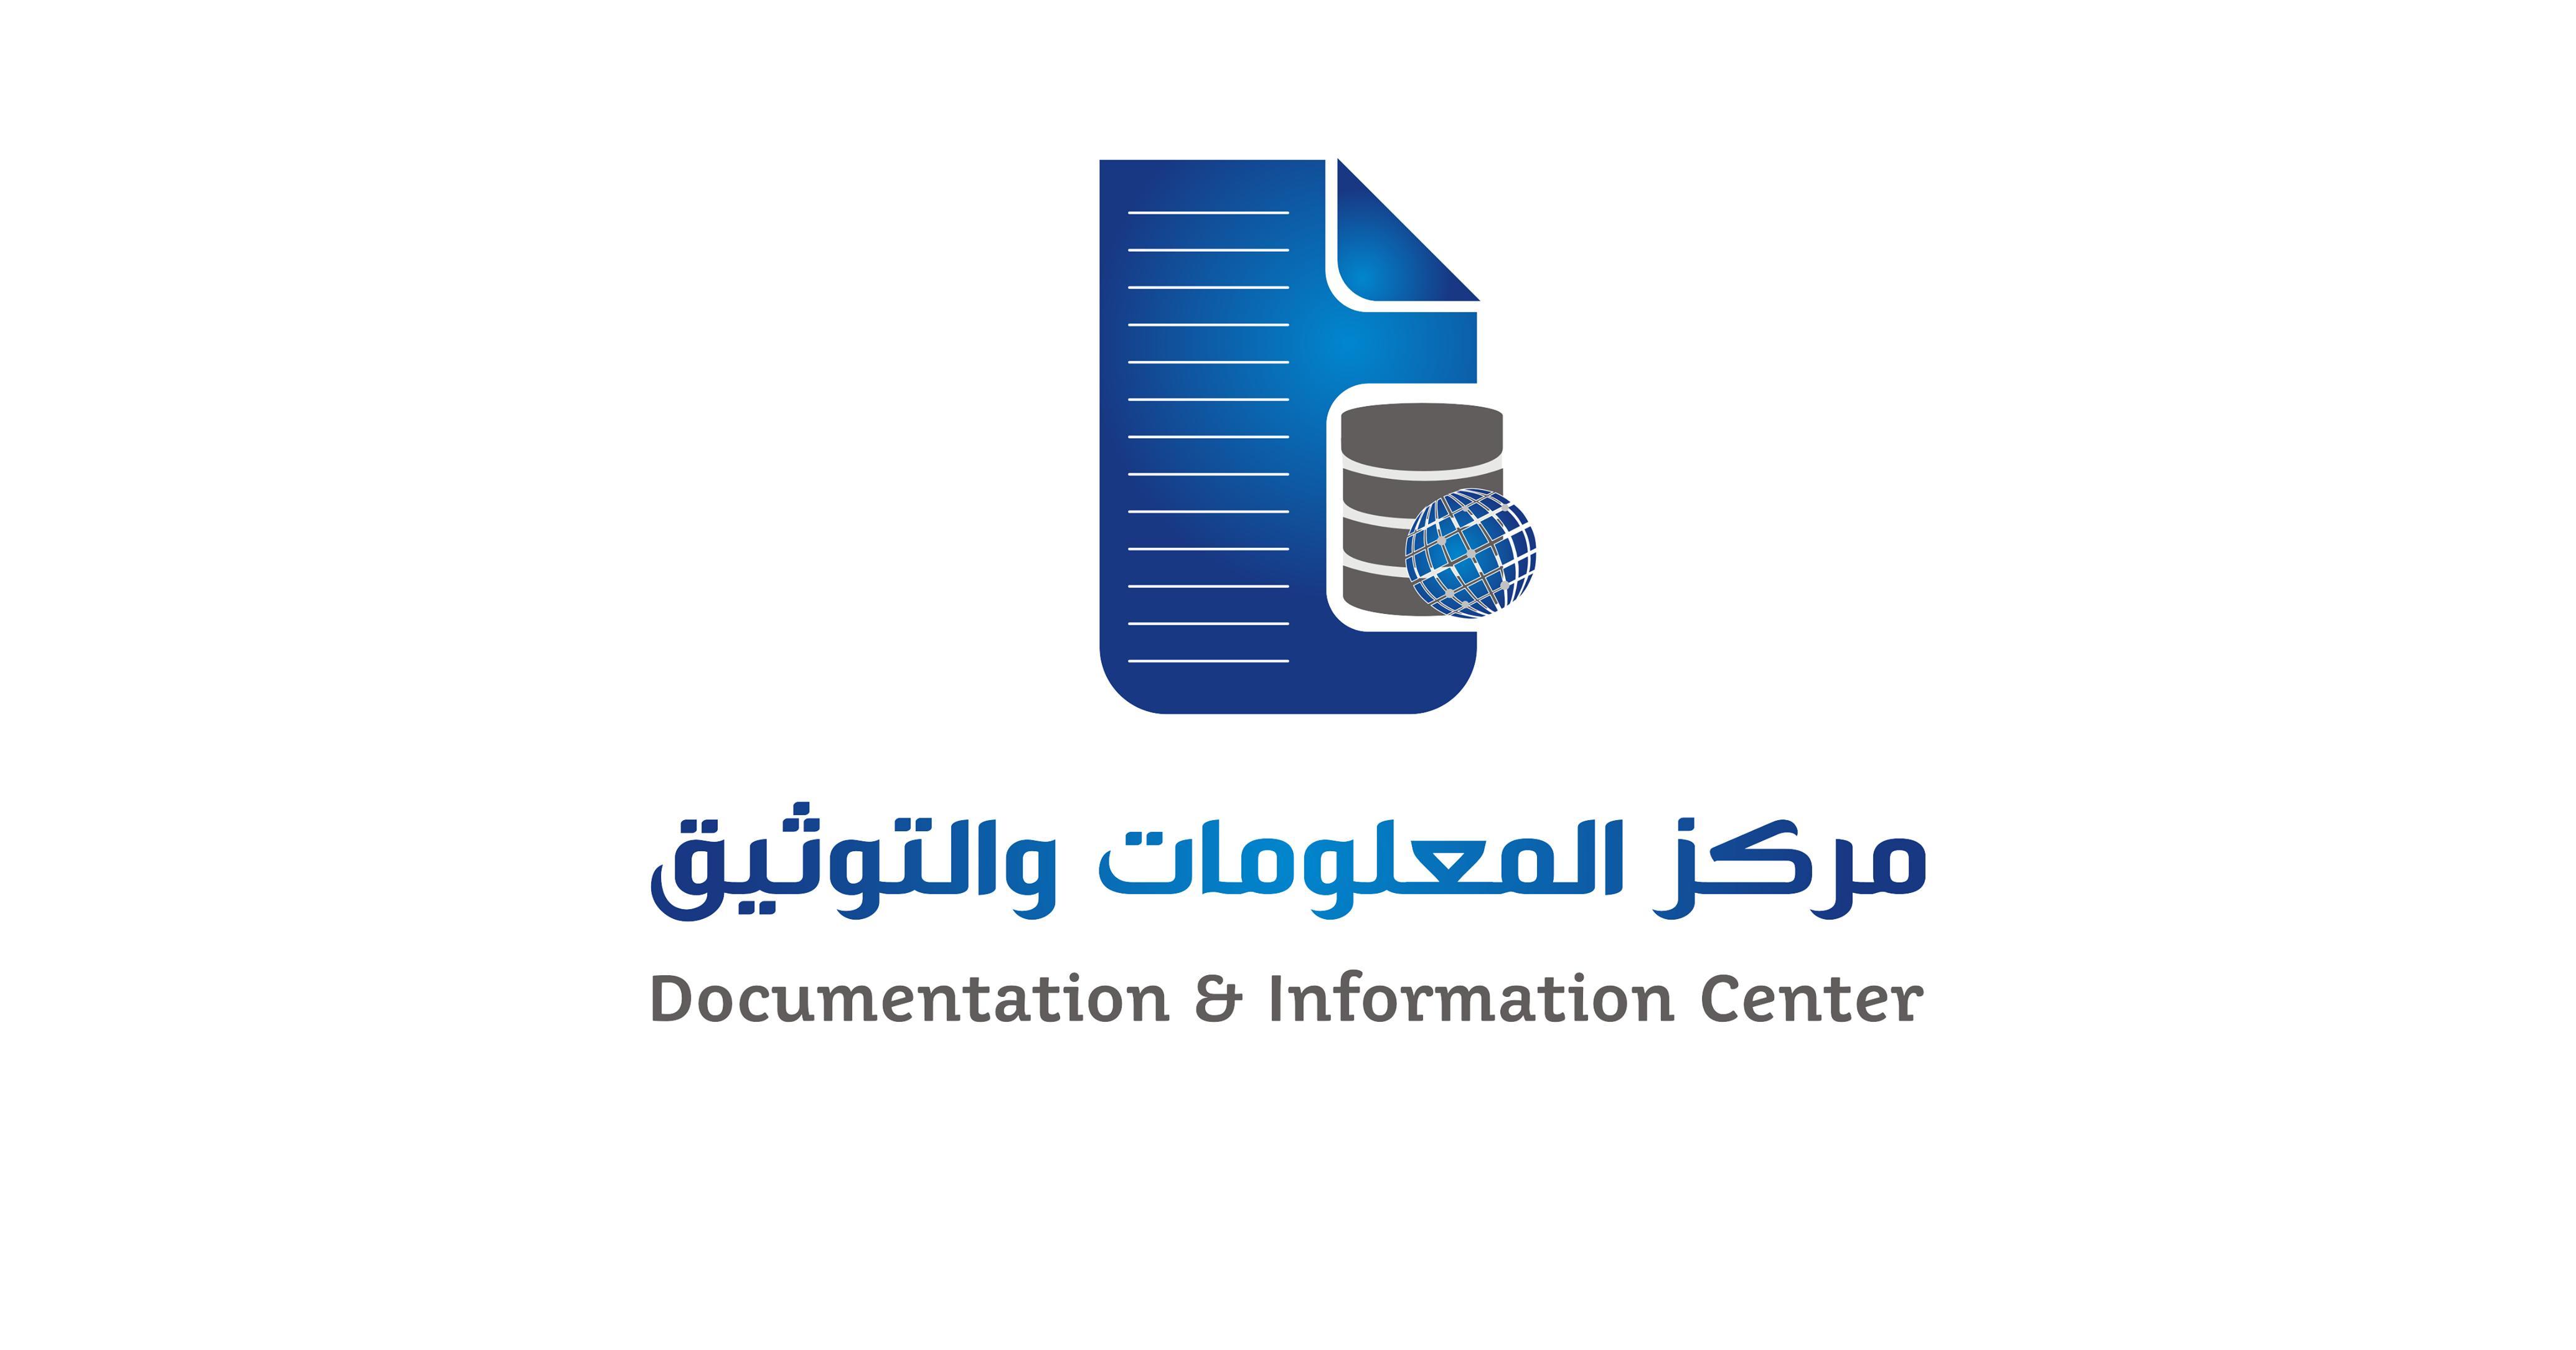 مركز التوثيق والمعلومات التابع لوزارة العمل والتأهيل بحكومة الوفاق